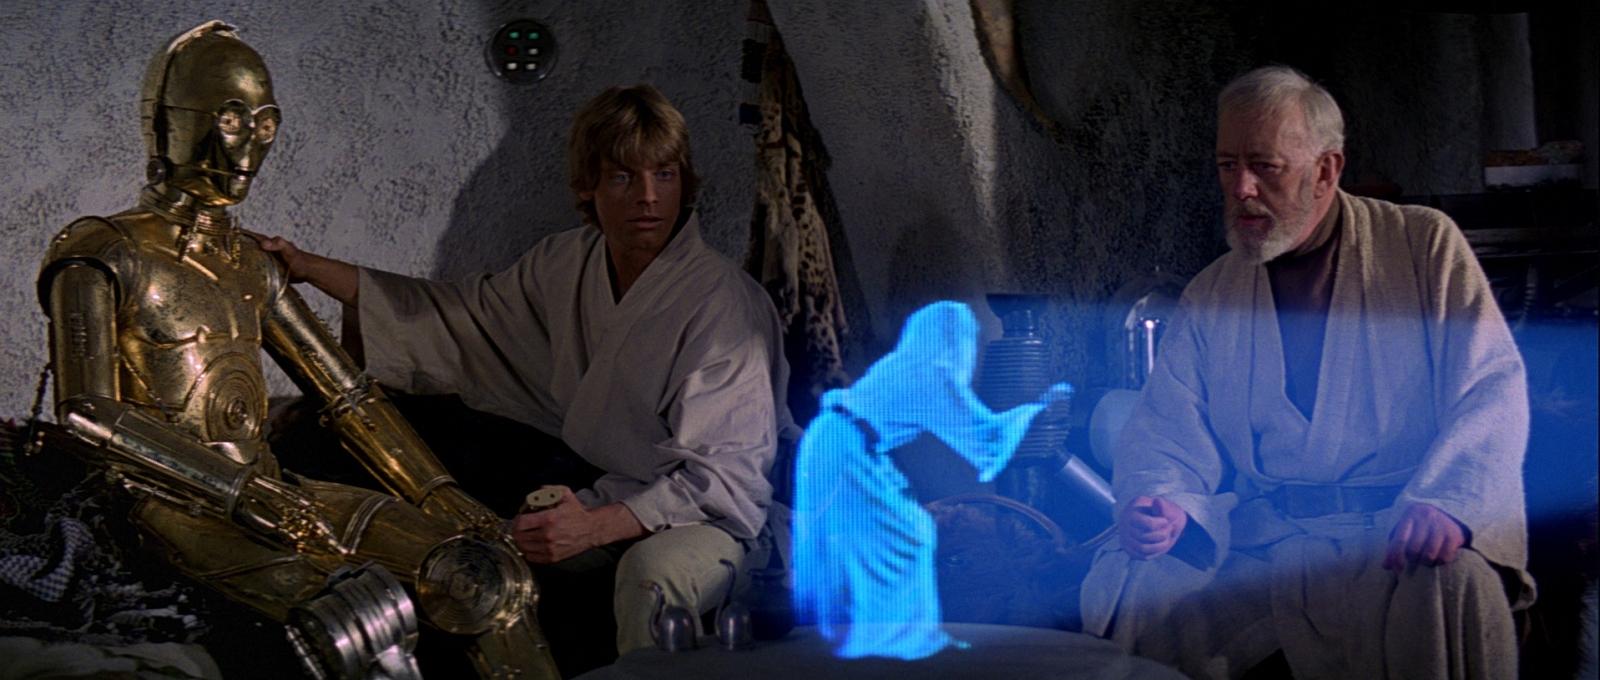 eroe in star wars presto realtà tramite la scienza